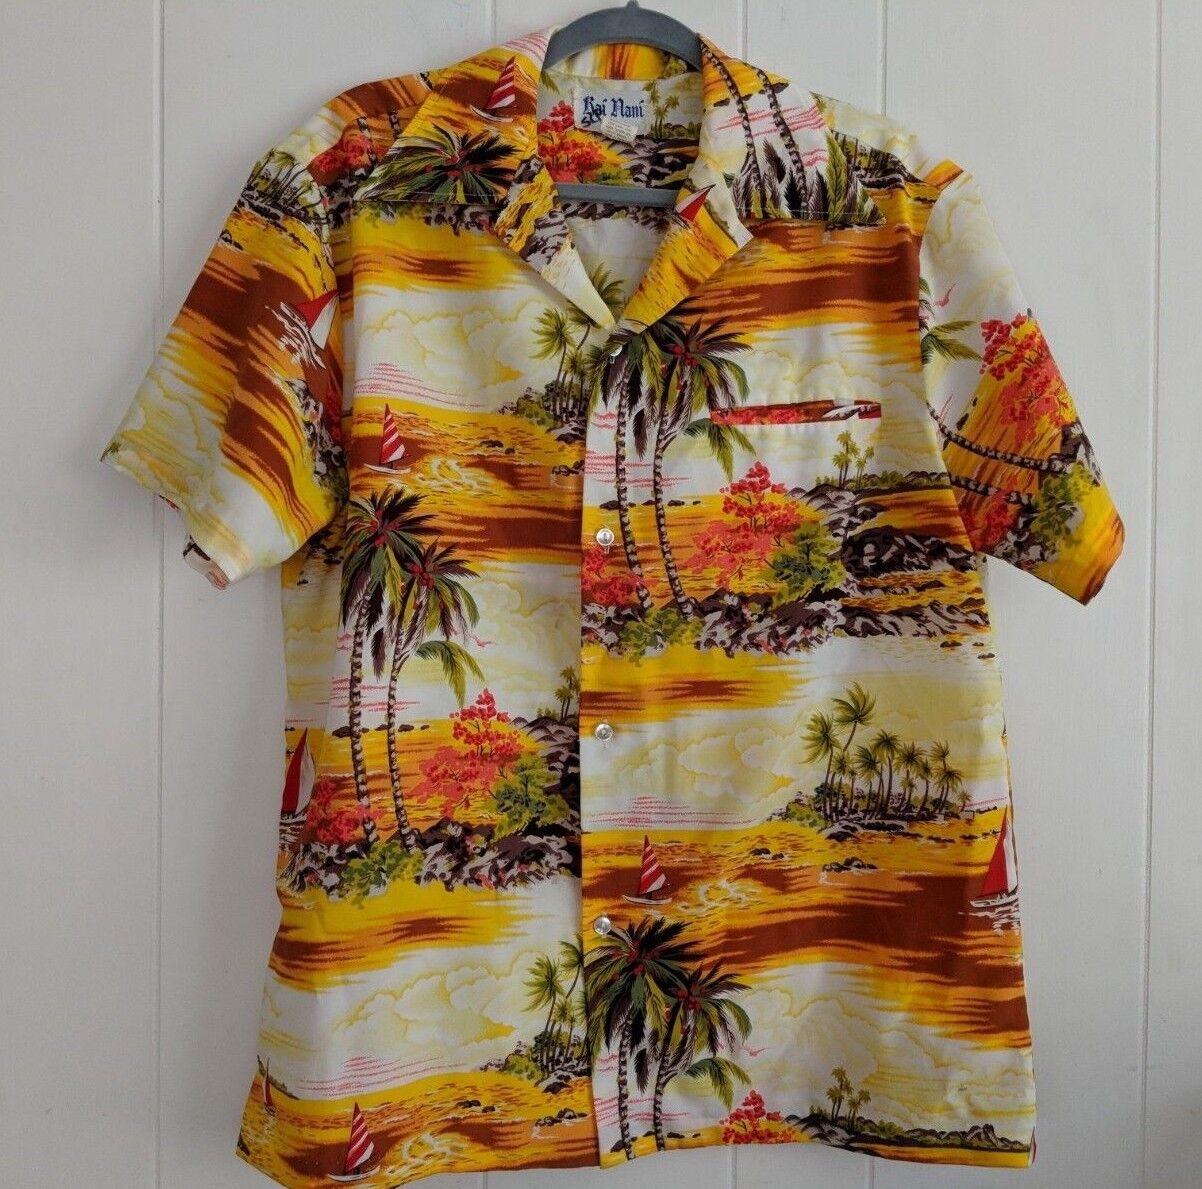 Vintage  Rai Nani XXL Hawaii Hawaiian Shirt Polyester Tropic